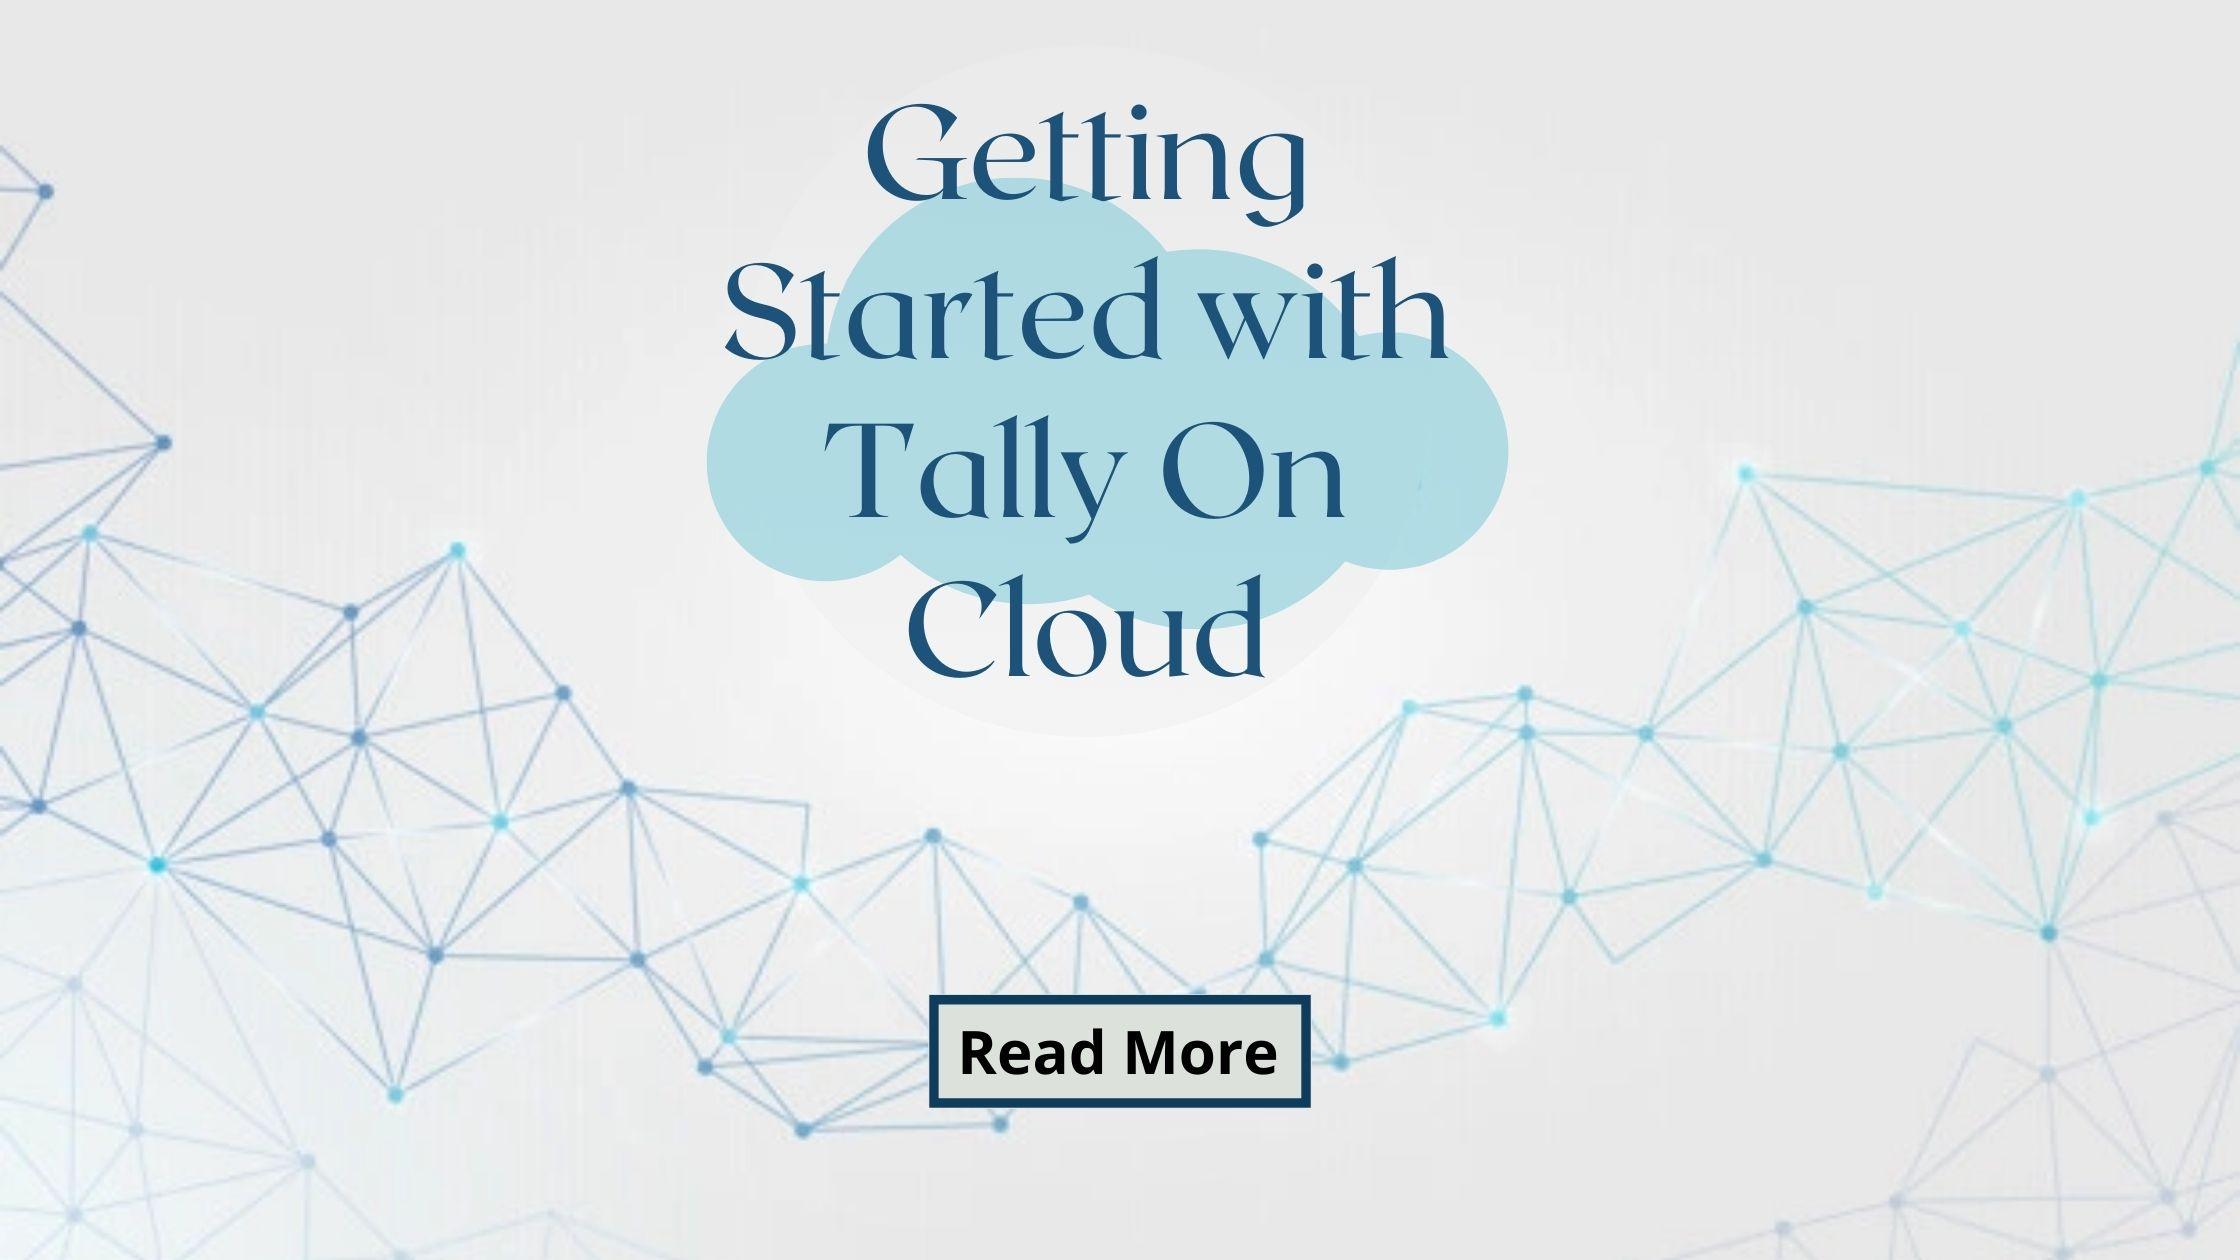 Tally On Cloud